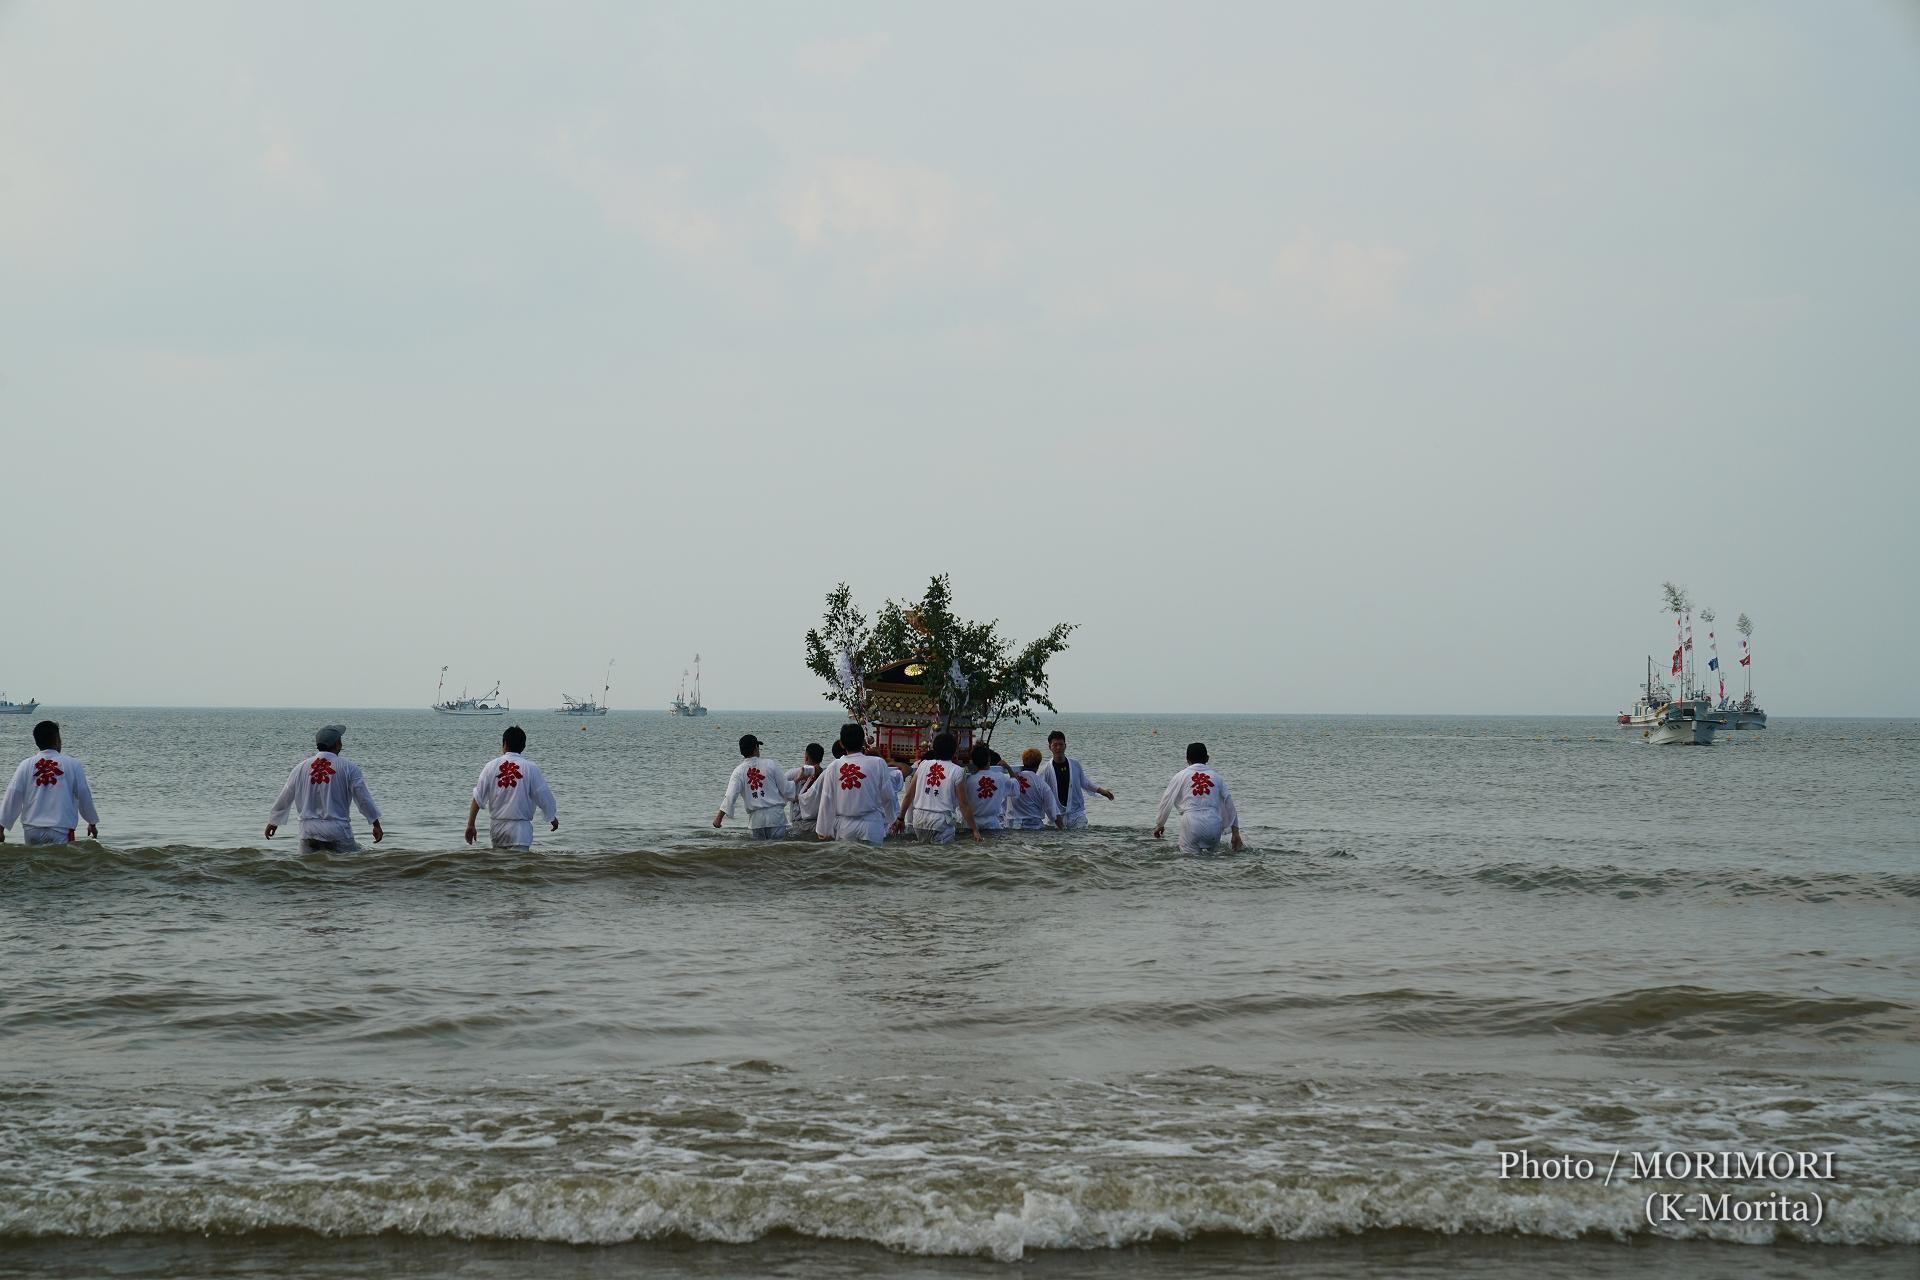 令和元年 2019年度 海を渡る祭礼 08